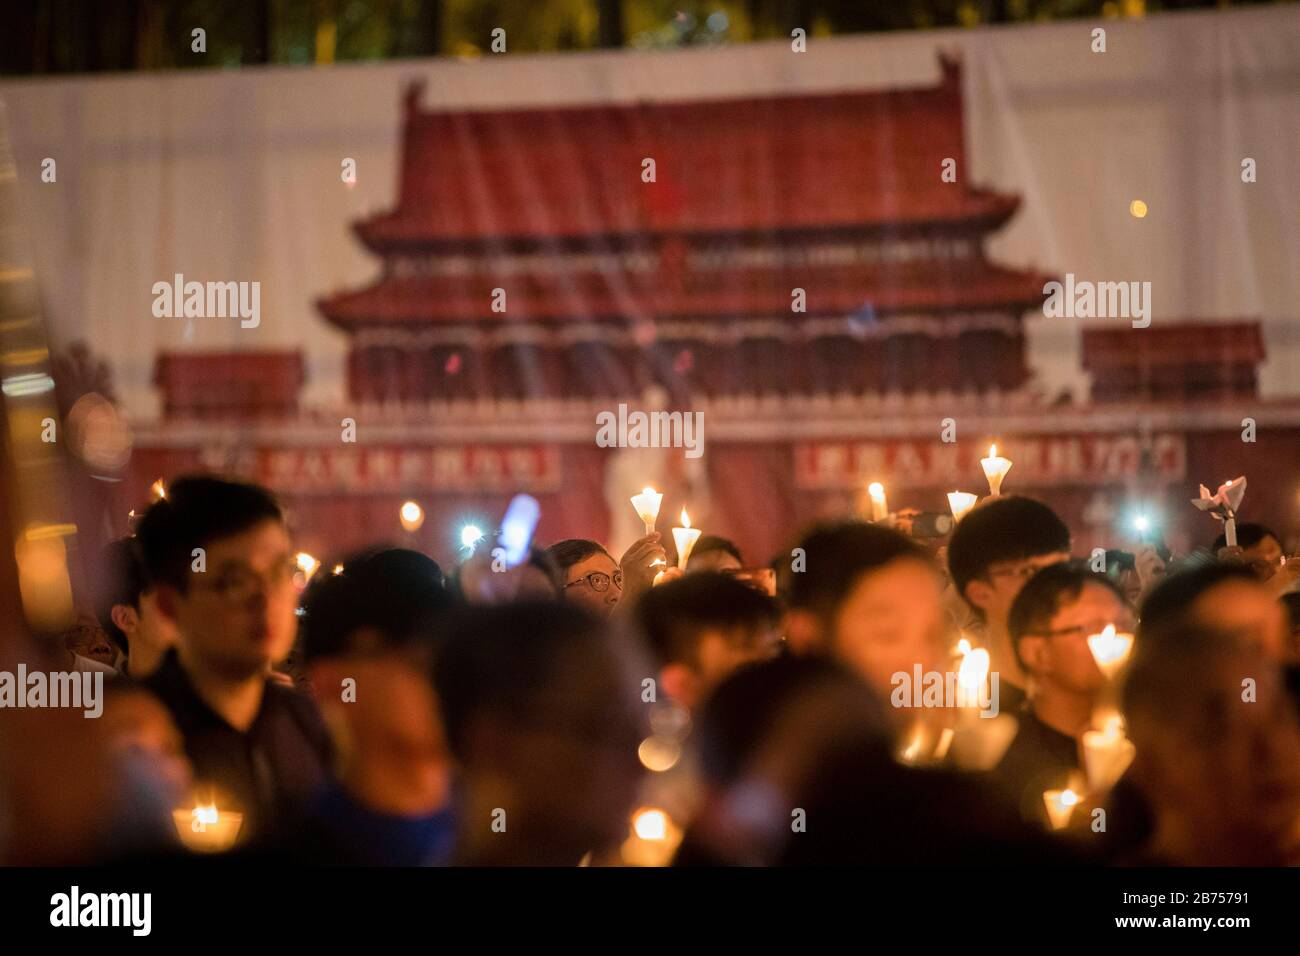 Die Teilnehmer nehmen an der jährlichen Kerzenlicht-Mahnwache Teil, die an den 30. Jahrestag des Massakers am Pekinger Tiananmen-Platz 1989 im Victoria Park In Hongkong, China, 4. Juni 2019 erinnert. Stockfoto